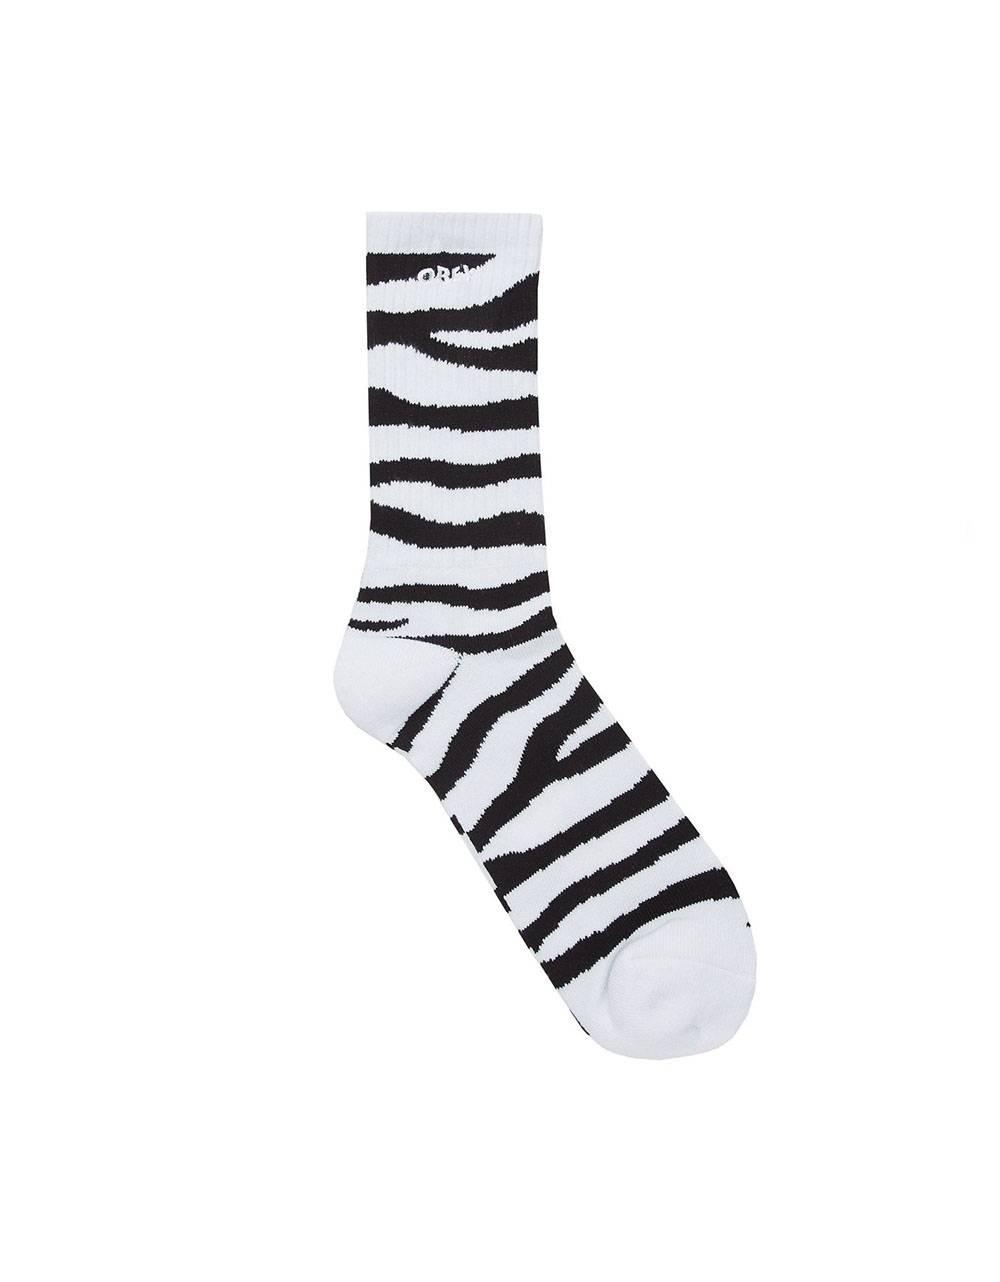 Obey zebra socks - black multi obey Socks 15,00€